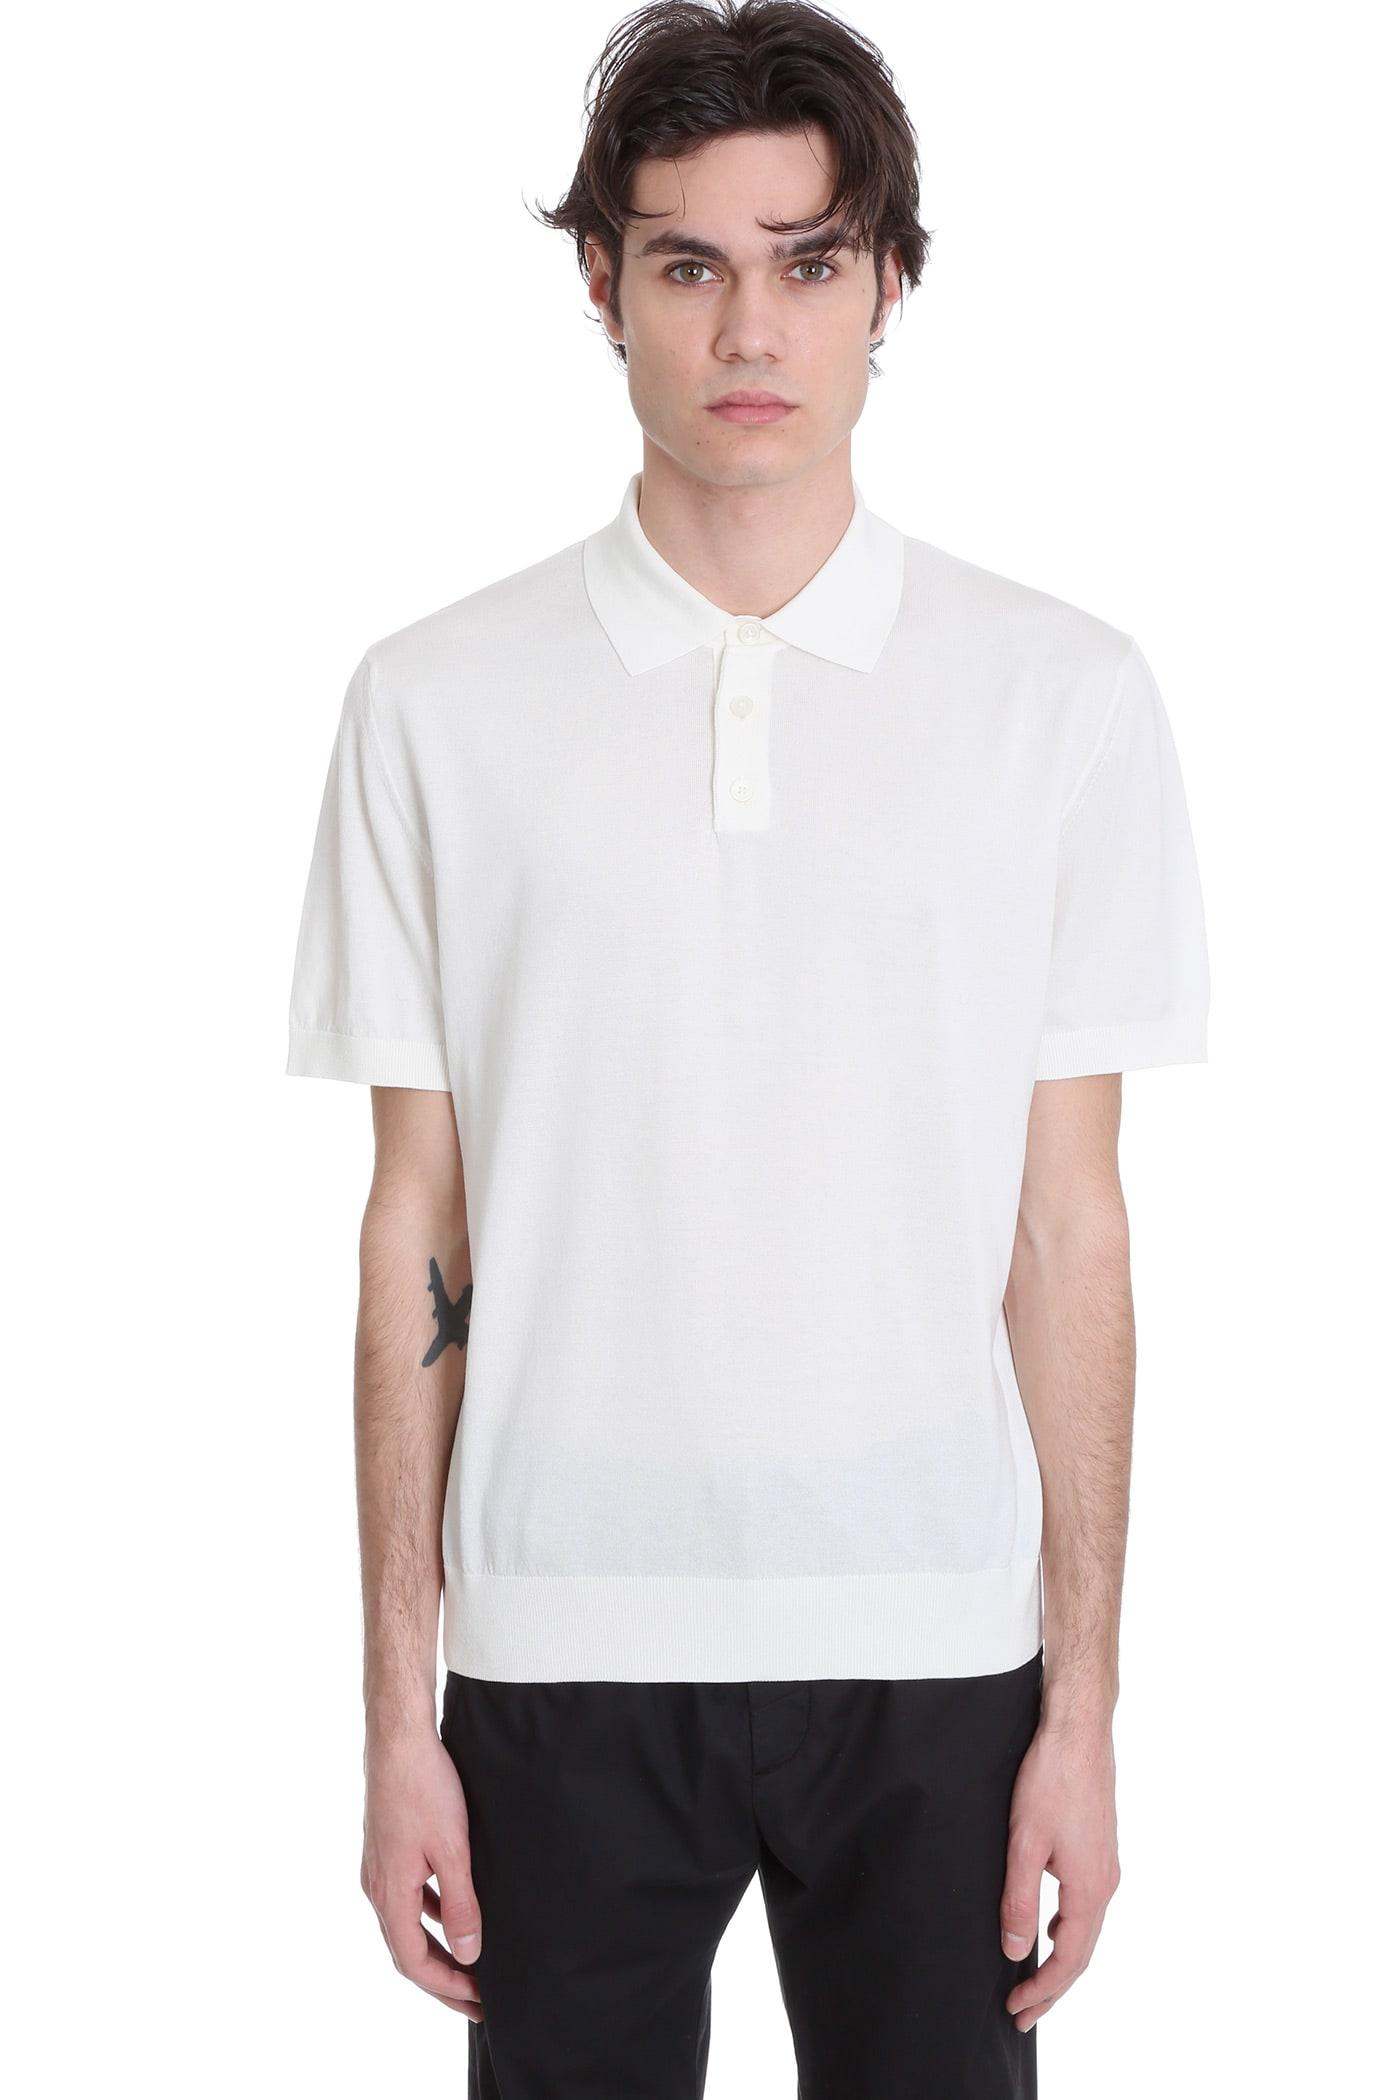 Z Zegna Polo In White Cotton